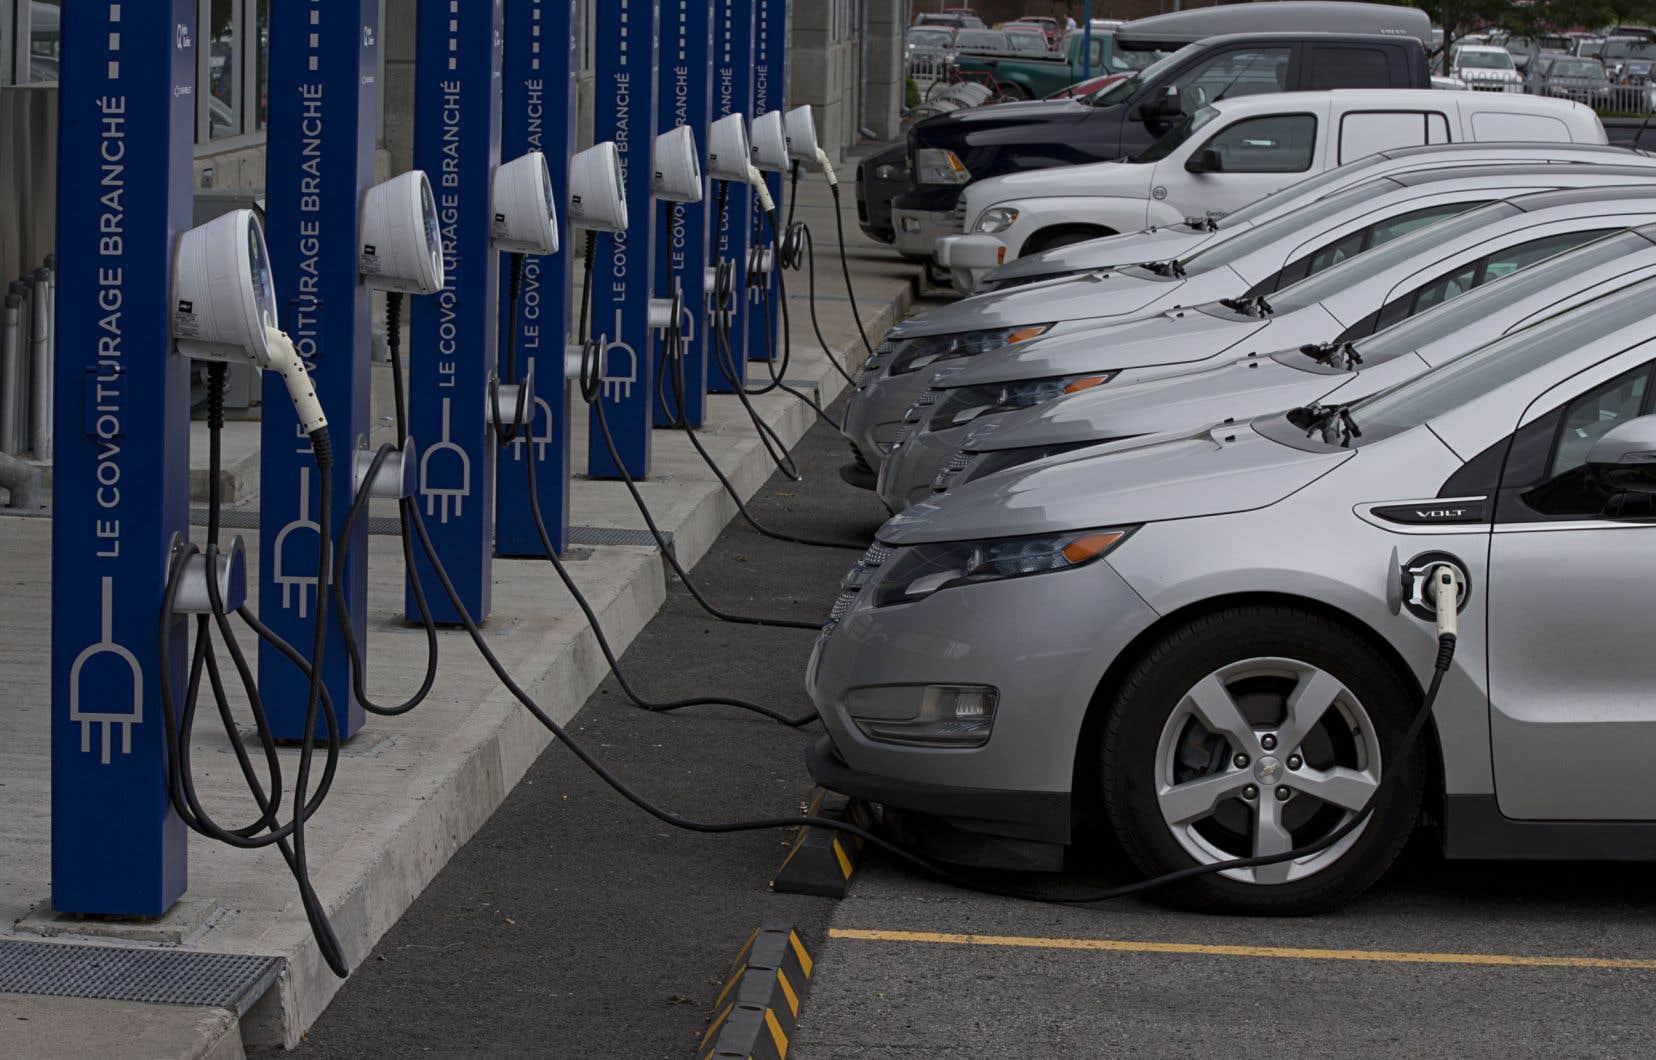 Le prix relativement élevé des véhicules électriques, la disponibilité de l'infrastructure de recharge, la performance des batteries ou encore le relatif faible coût de l'essence continuent, pour le moment, de freiner la transition en cours.